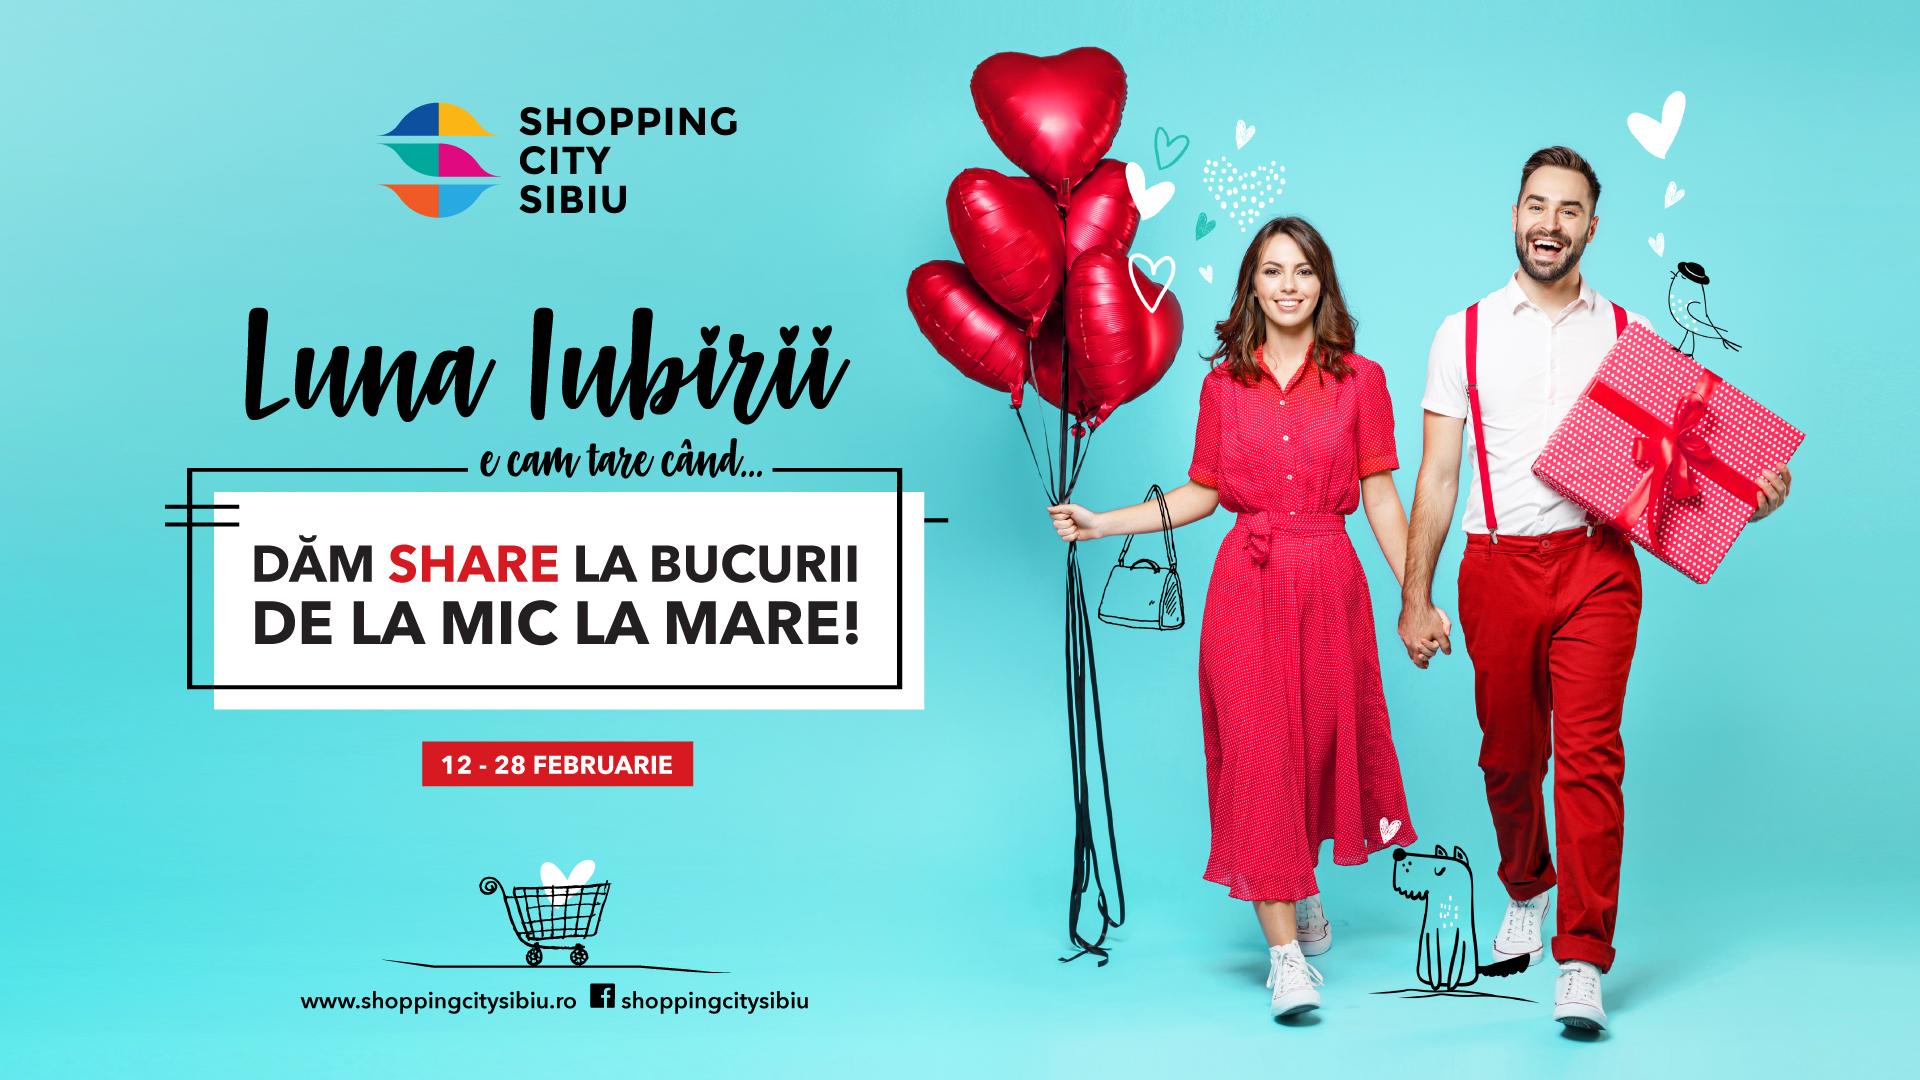 Shopping City Sibiu vine în ajutorul îndrăgostiților cu reduceri și idei de cadouri în Luna Iubirii